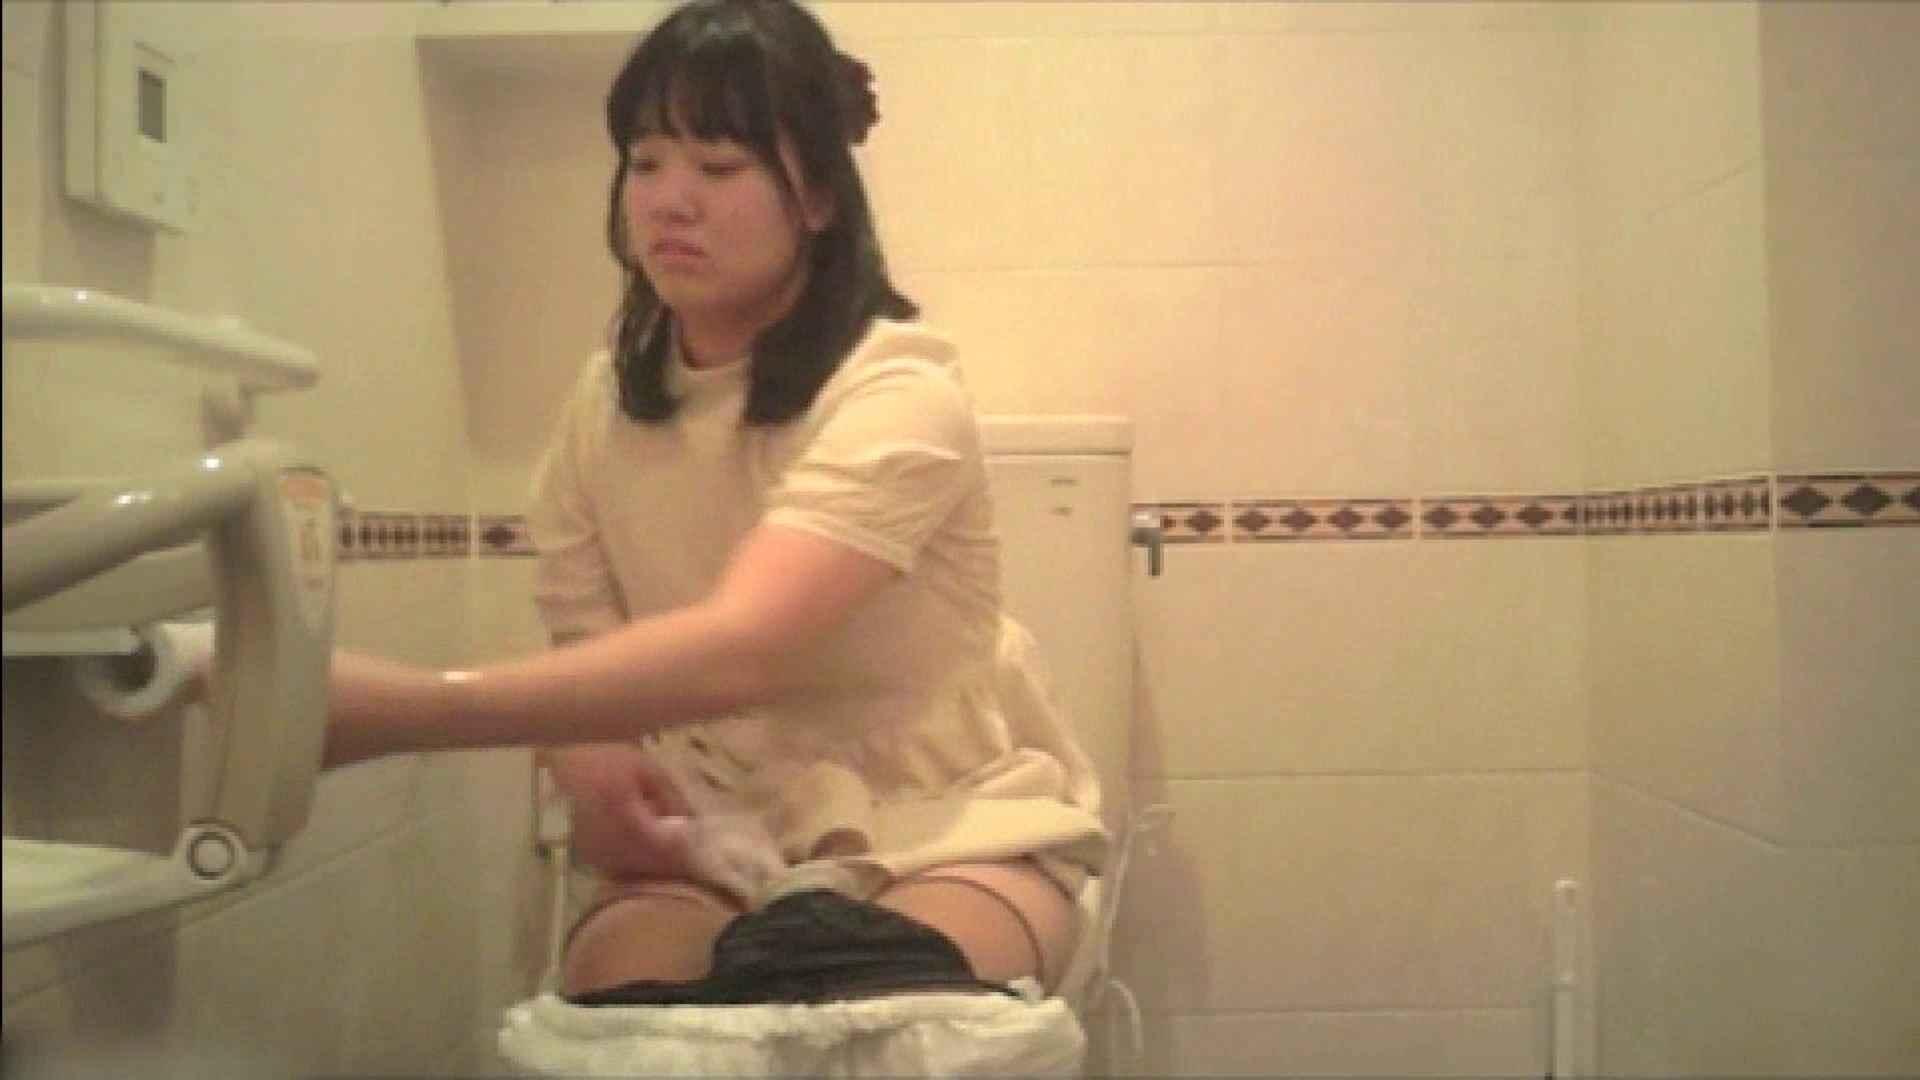 実録!!綺麗なお姉さんのトイレ事情・・・。vol.18 OL  68枚 20